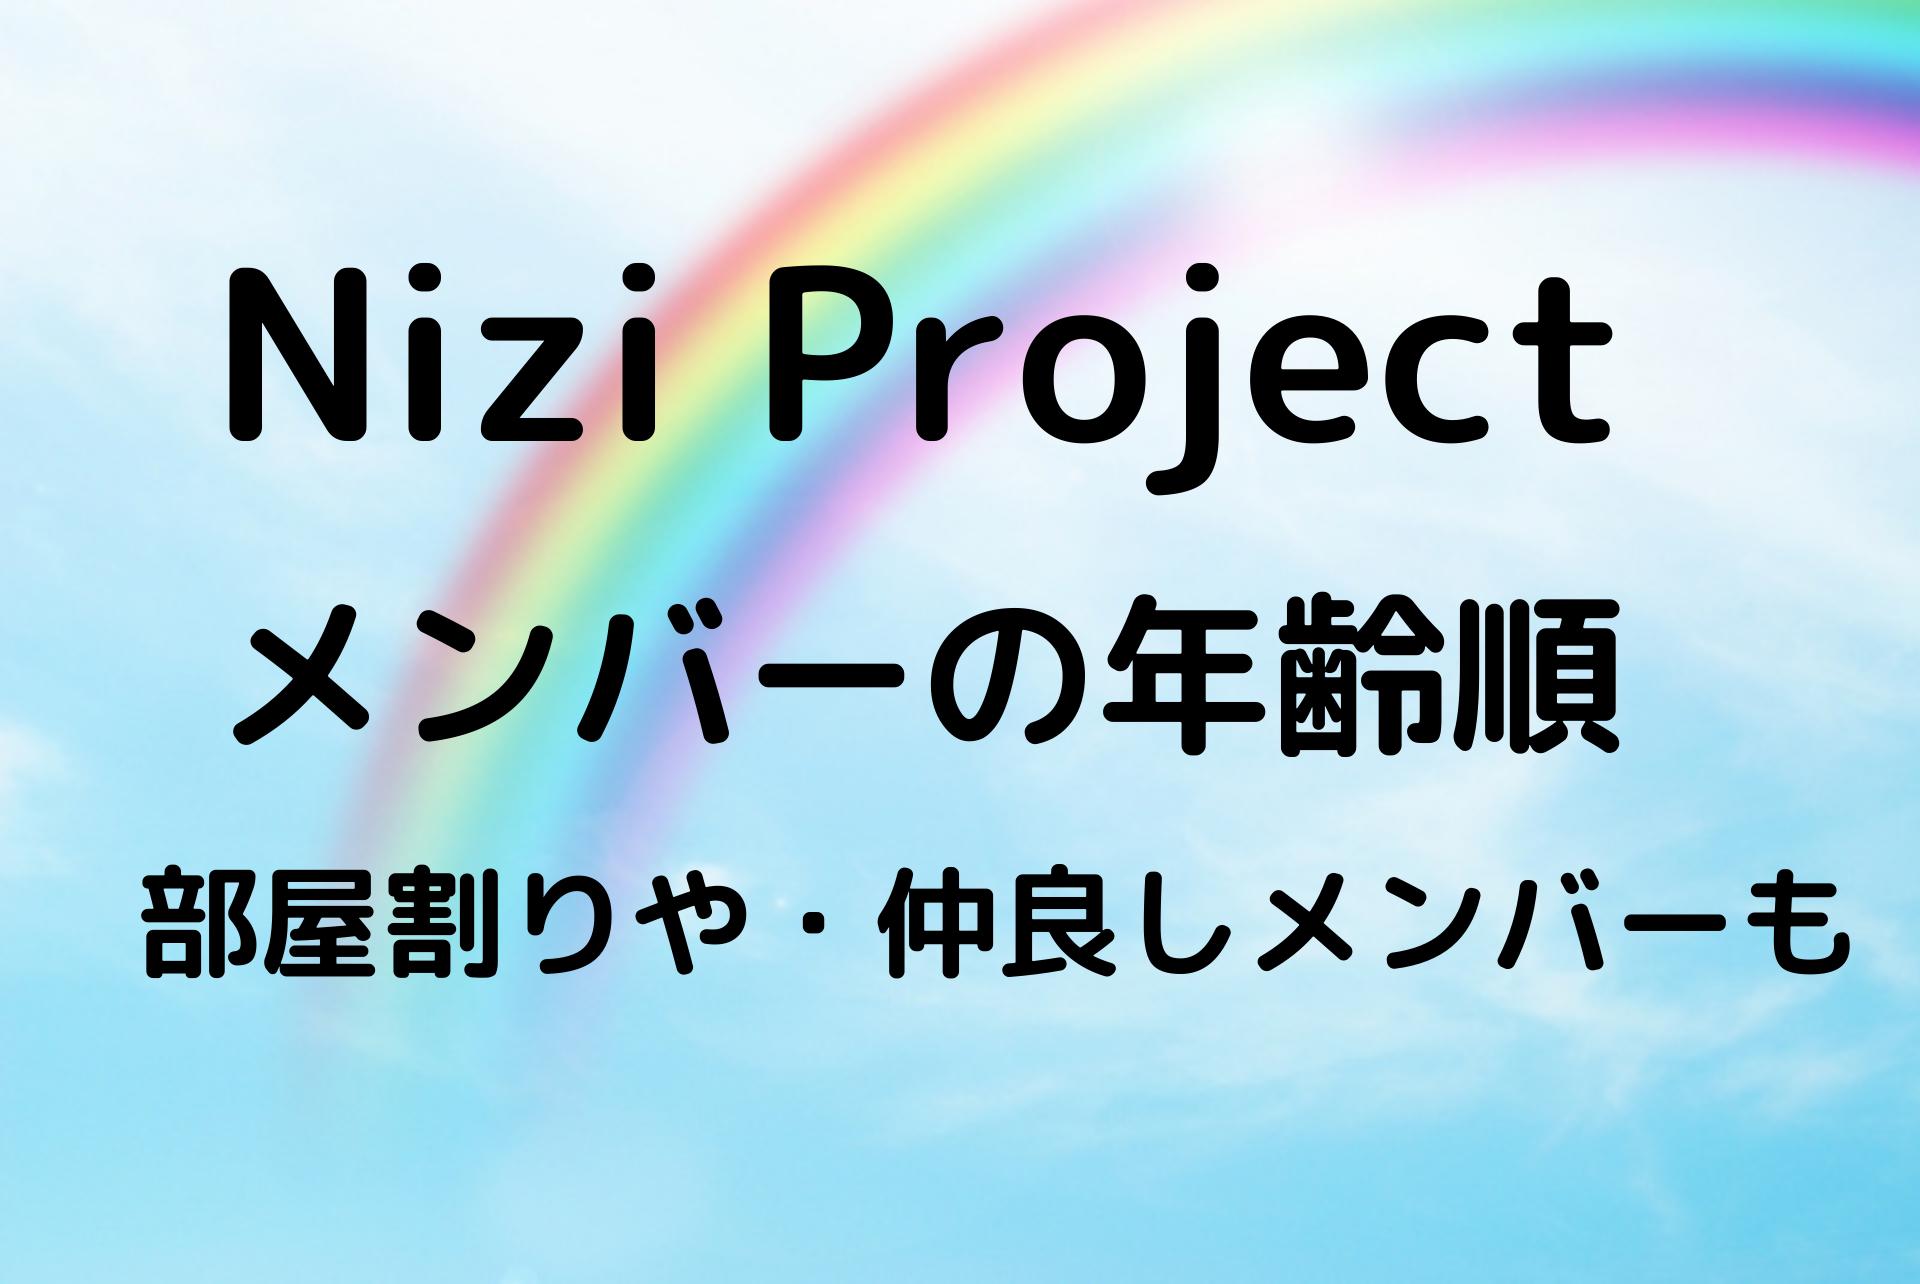 チーム 虹 ミッション プロジェクト